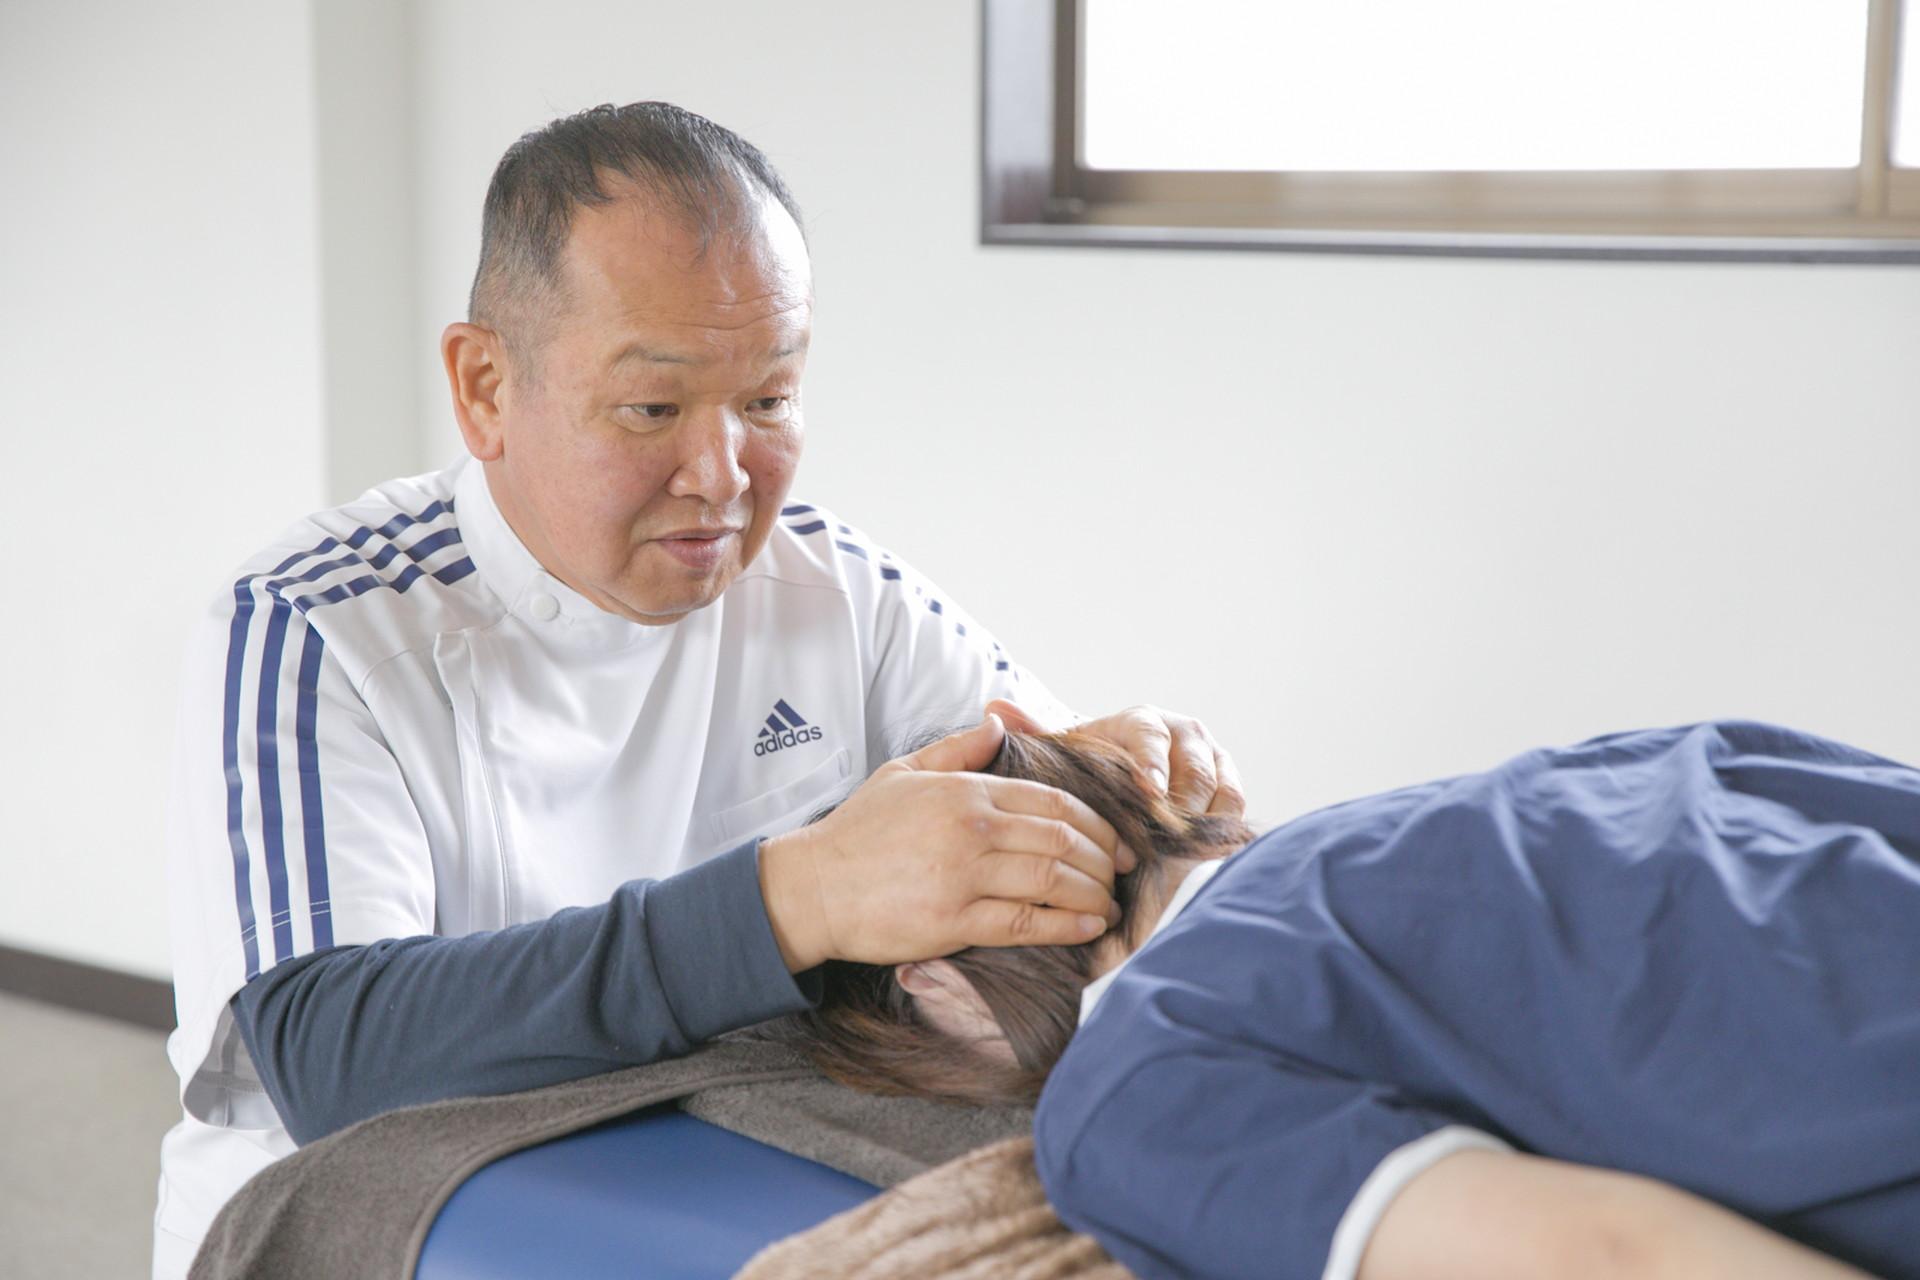 石井接骨院での頭痛アプローチの様子